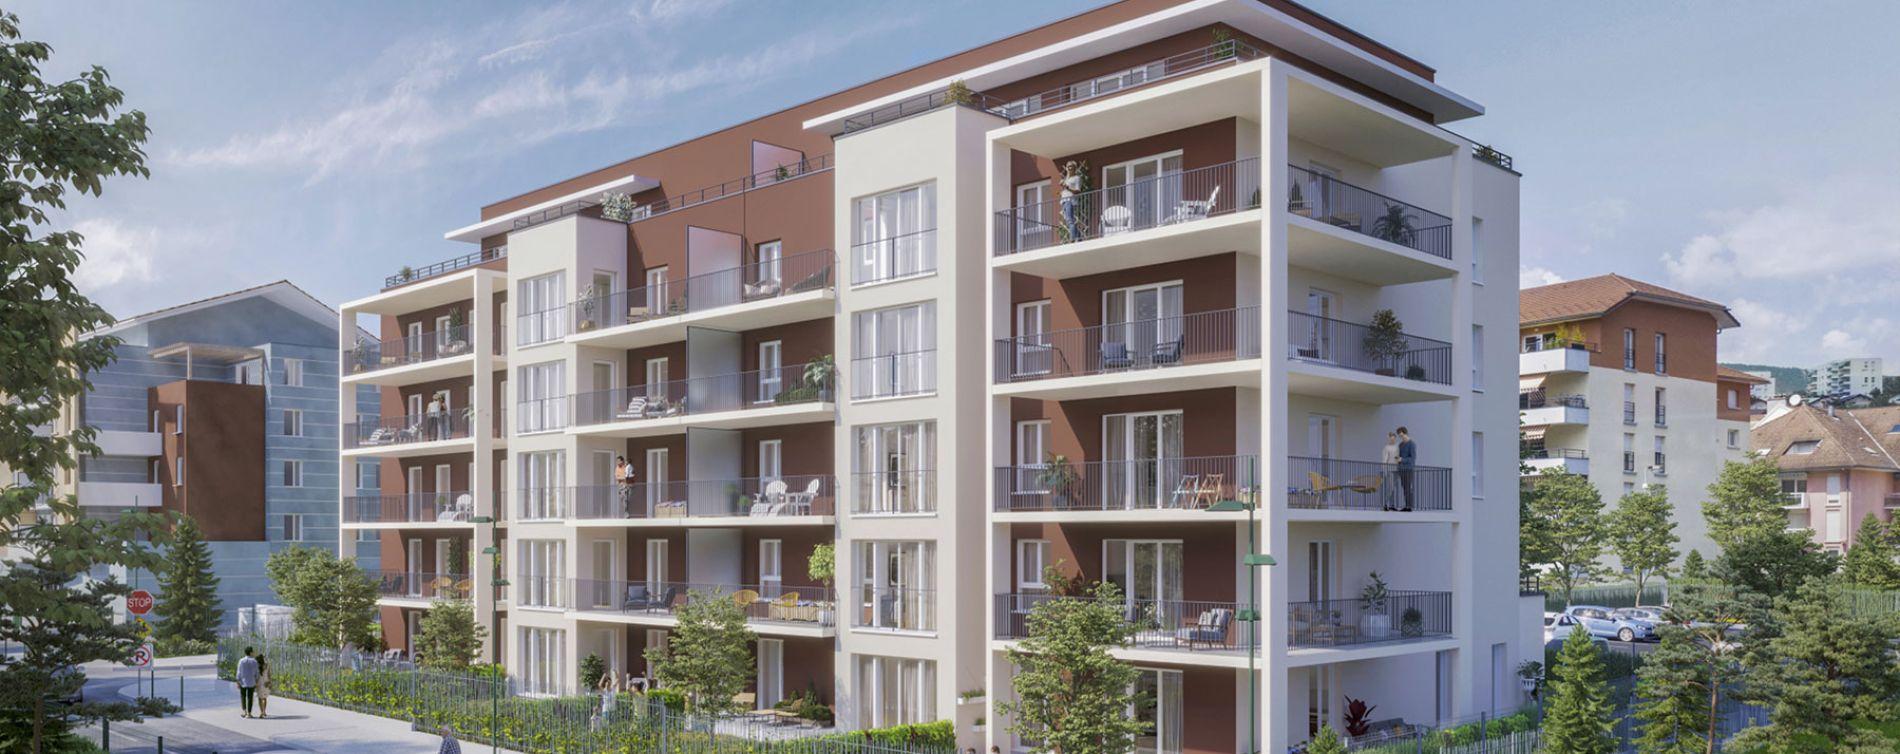 Bellegarde-sur-Valserine : programme immobilier neuve « Valserin »